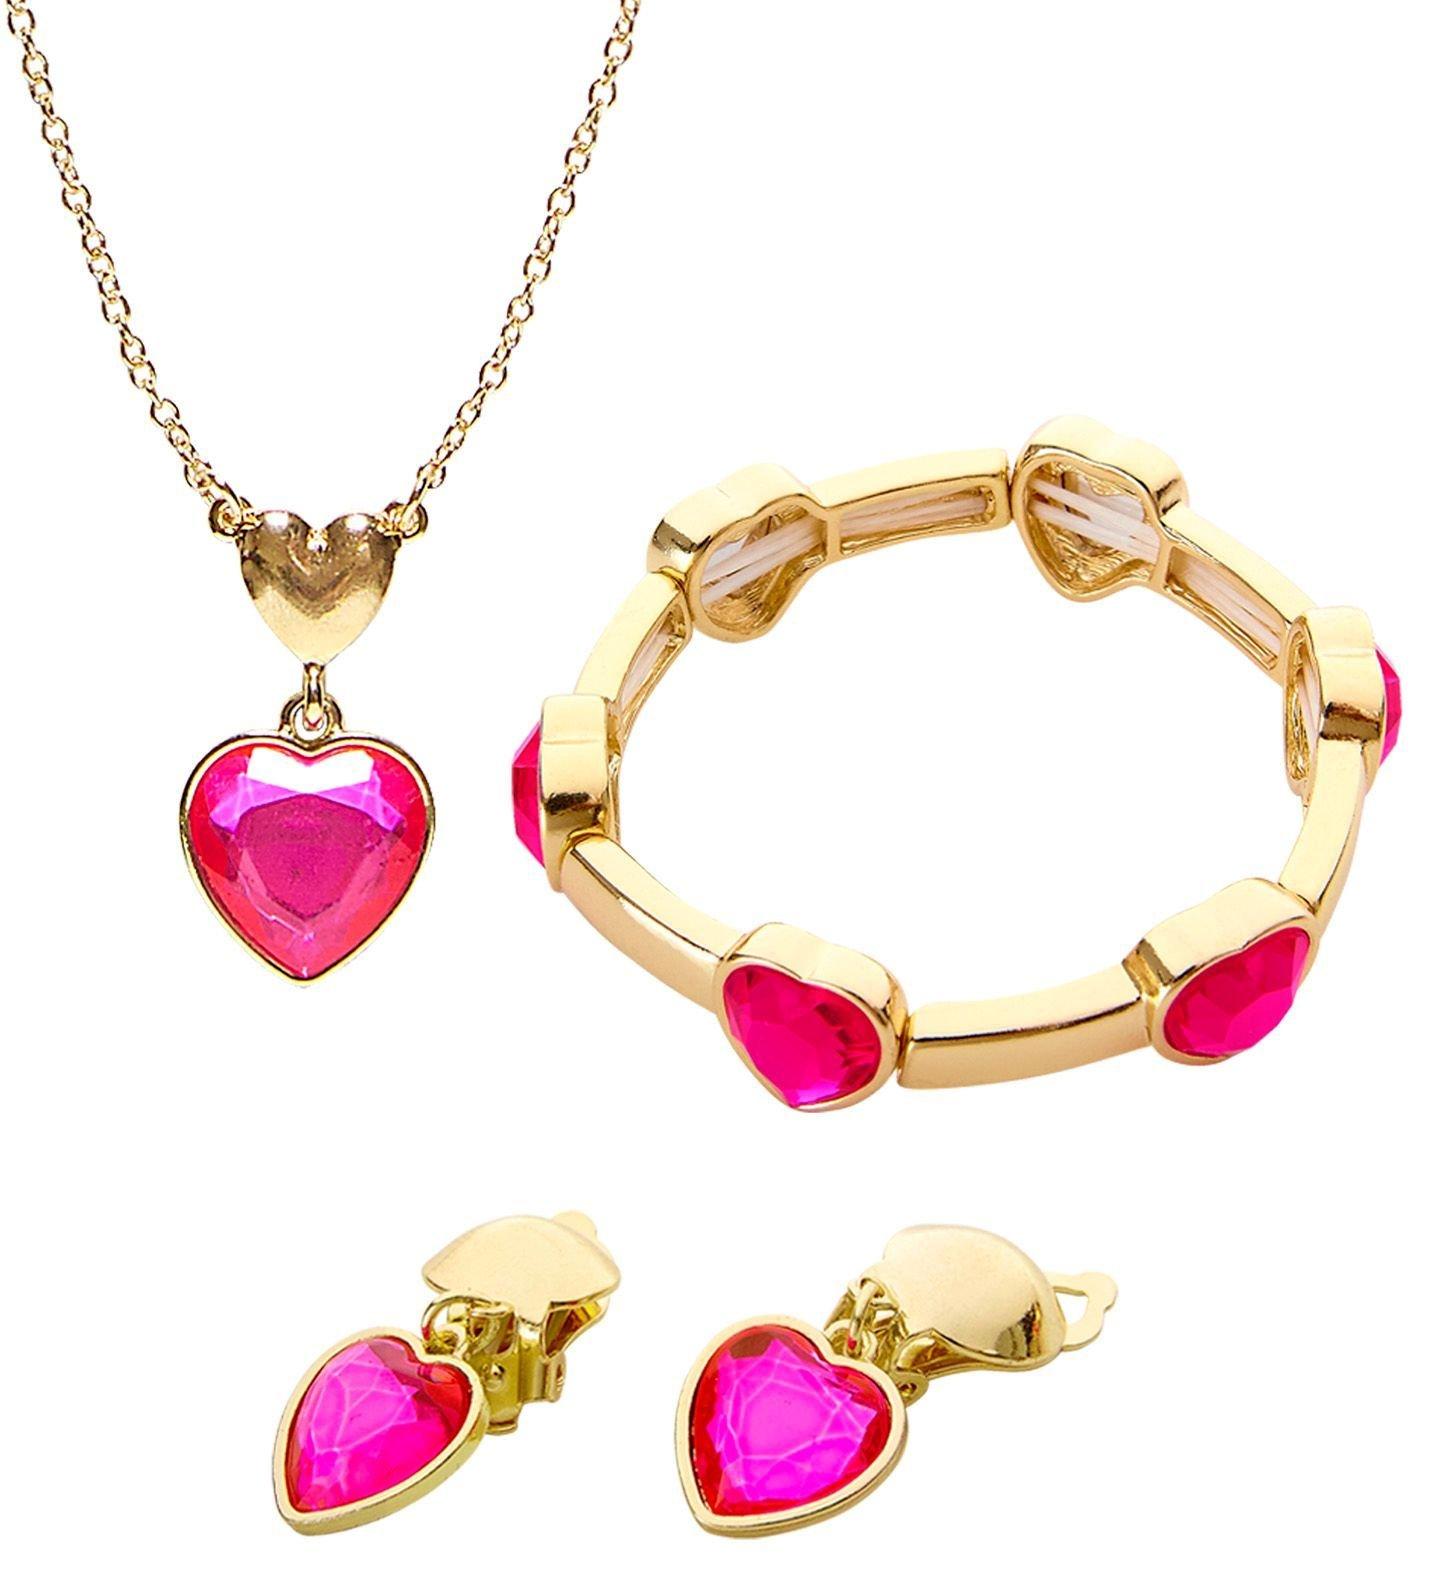 Gouden sieraden met hartjes